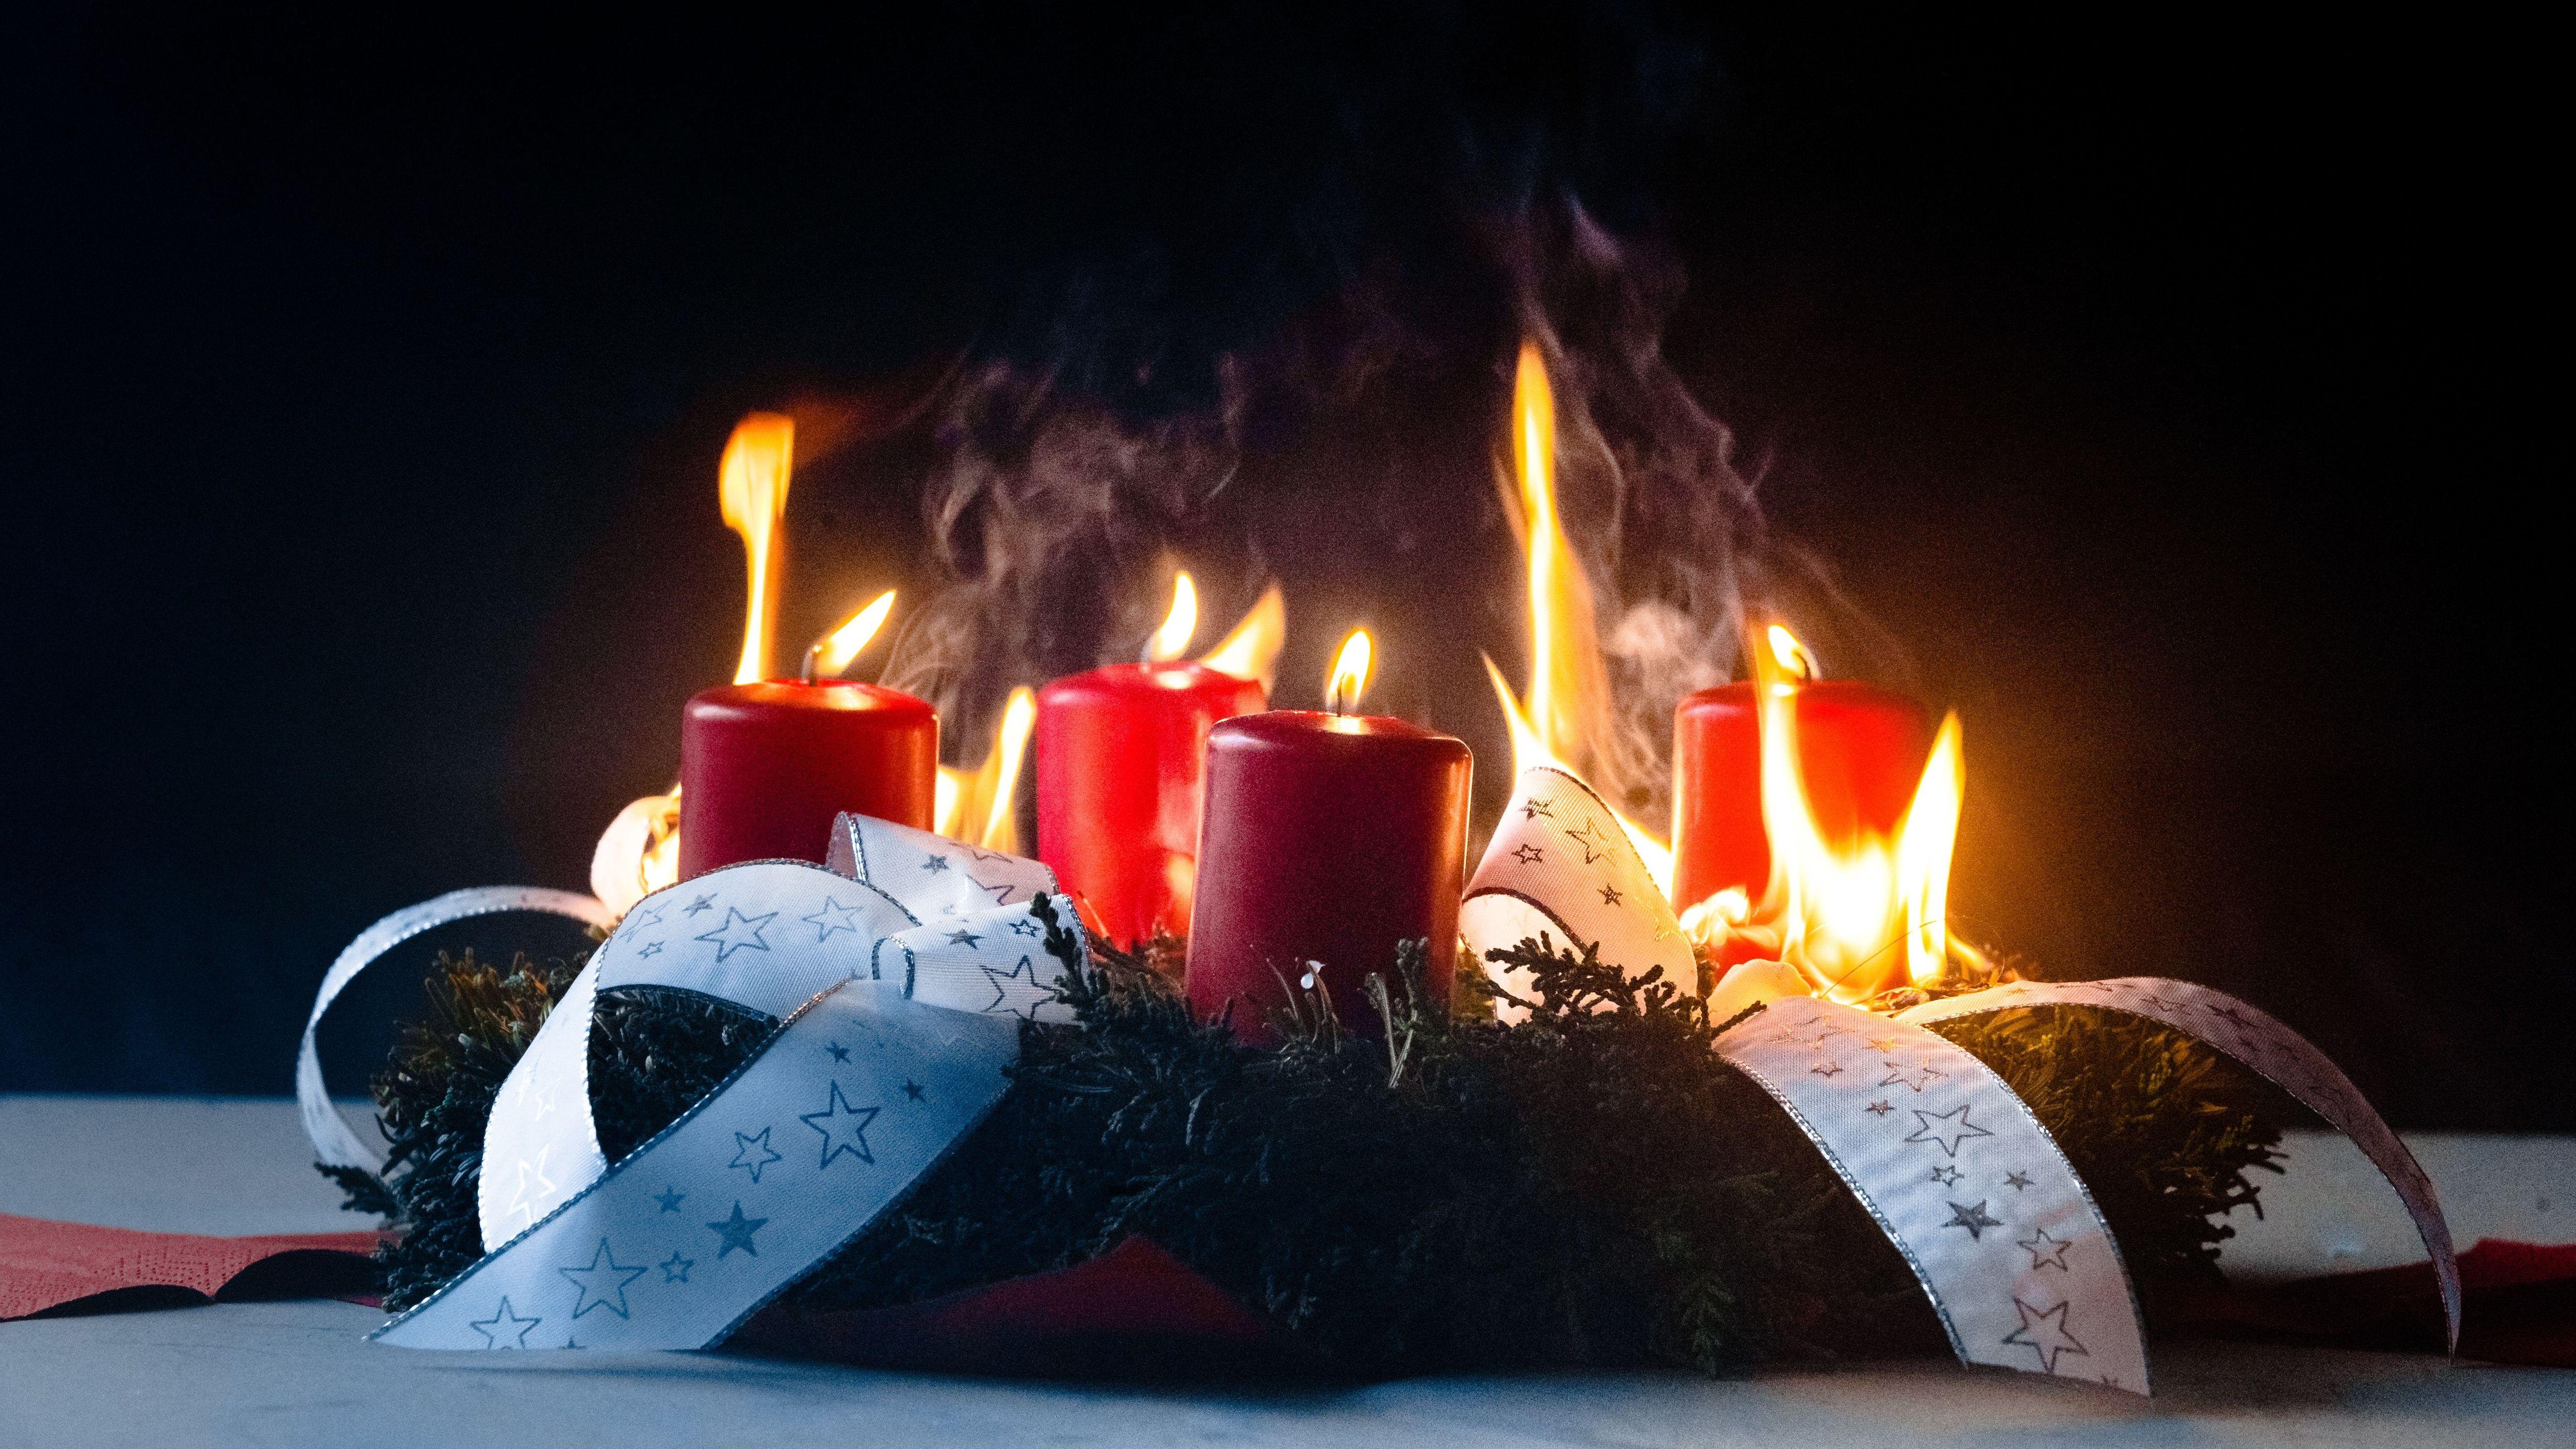 Ein Adventskranz steht in Flammen